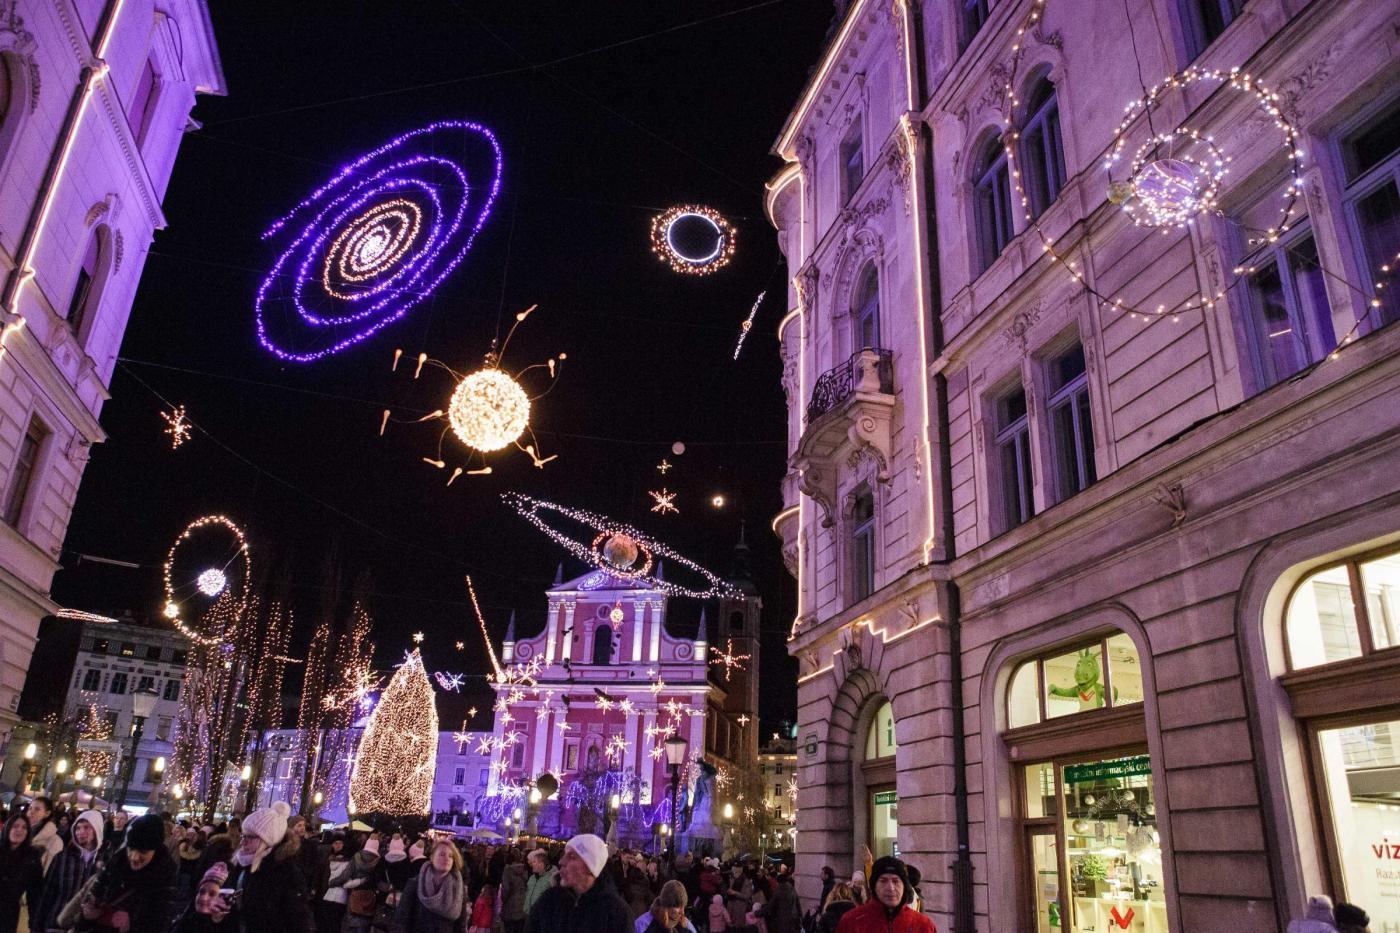 Slovenia: la città di lubiana si riempie di luci di natale [foto]